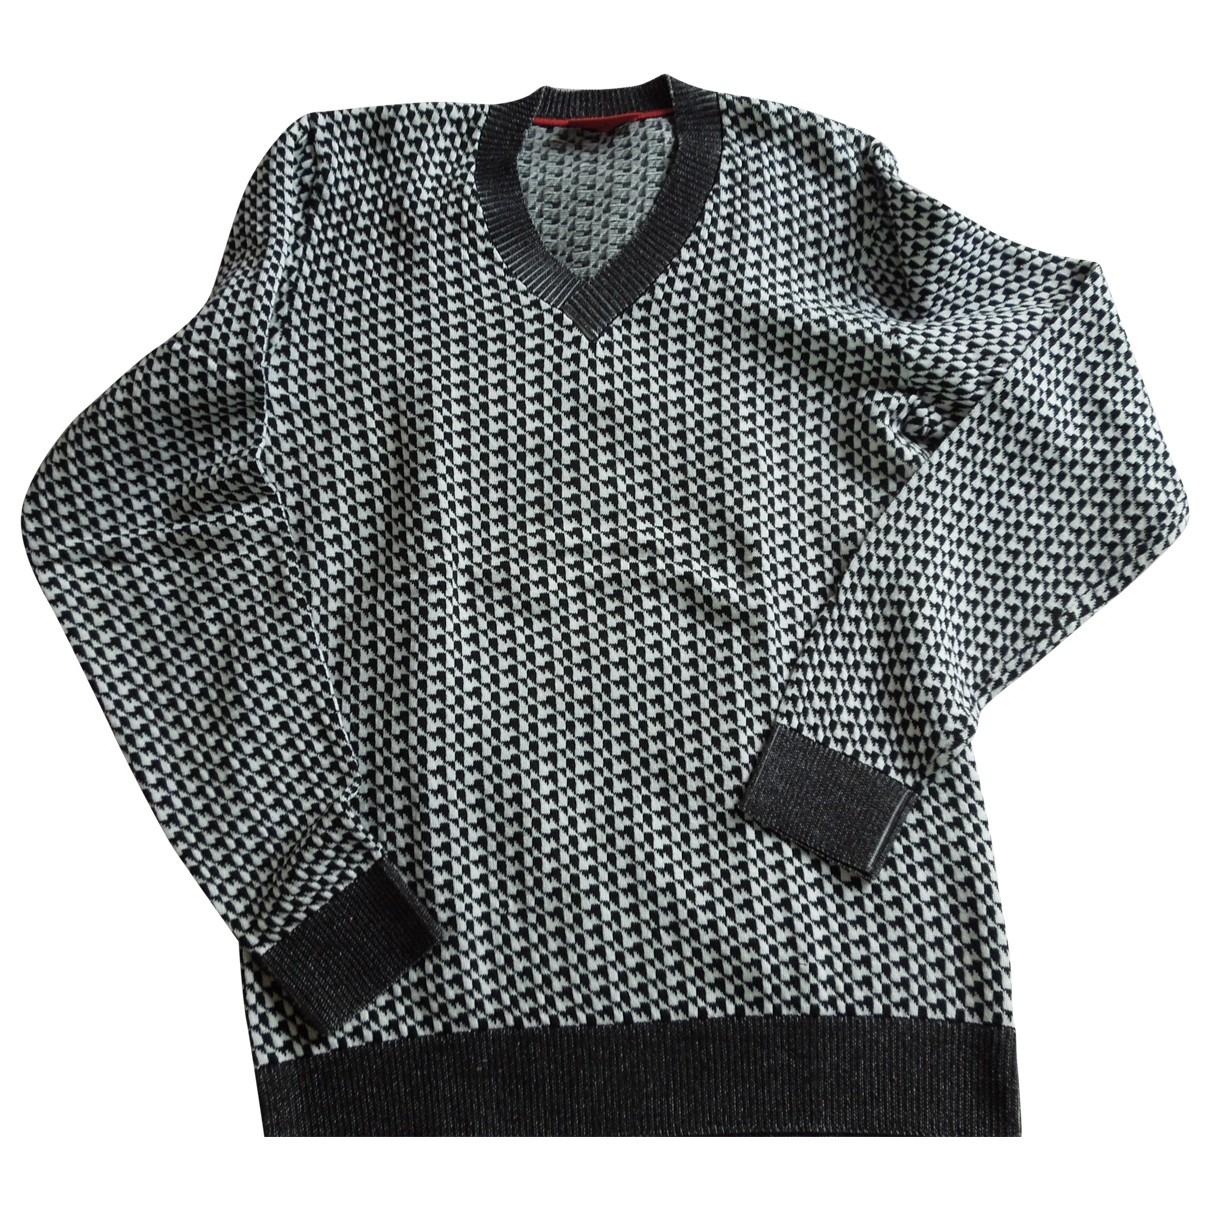 Hugo Boss \N Black Cotton Knitwear & Sweatshirts for Men S International